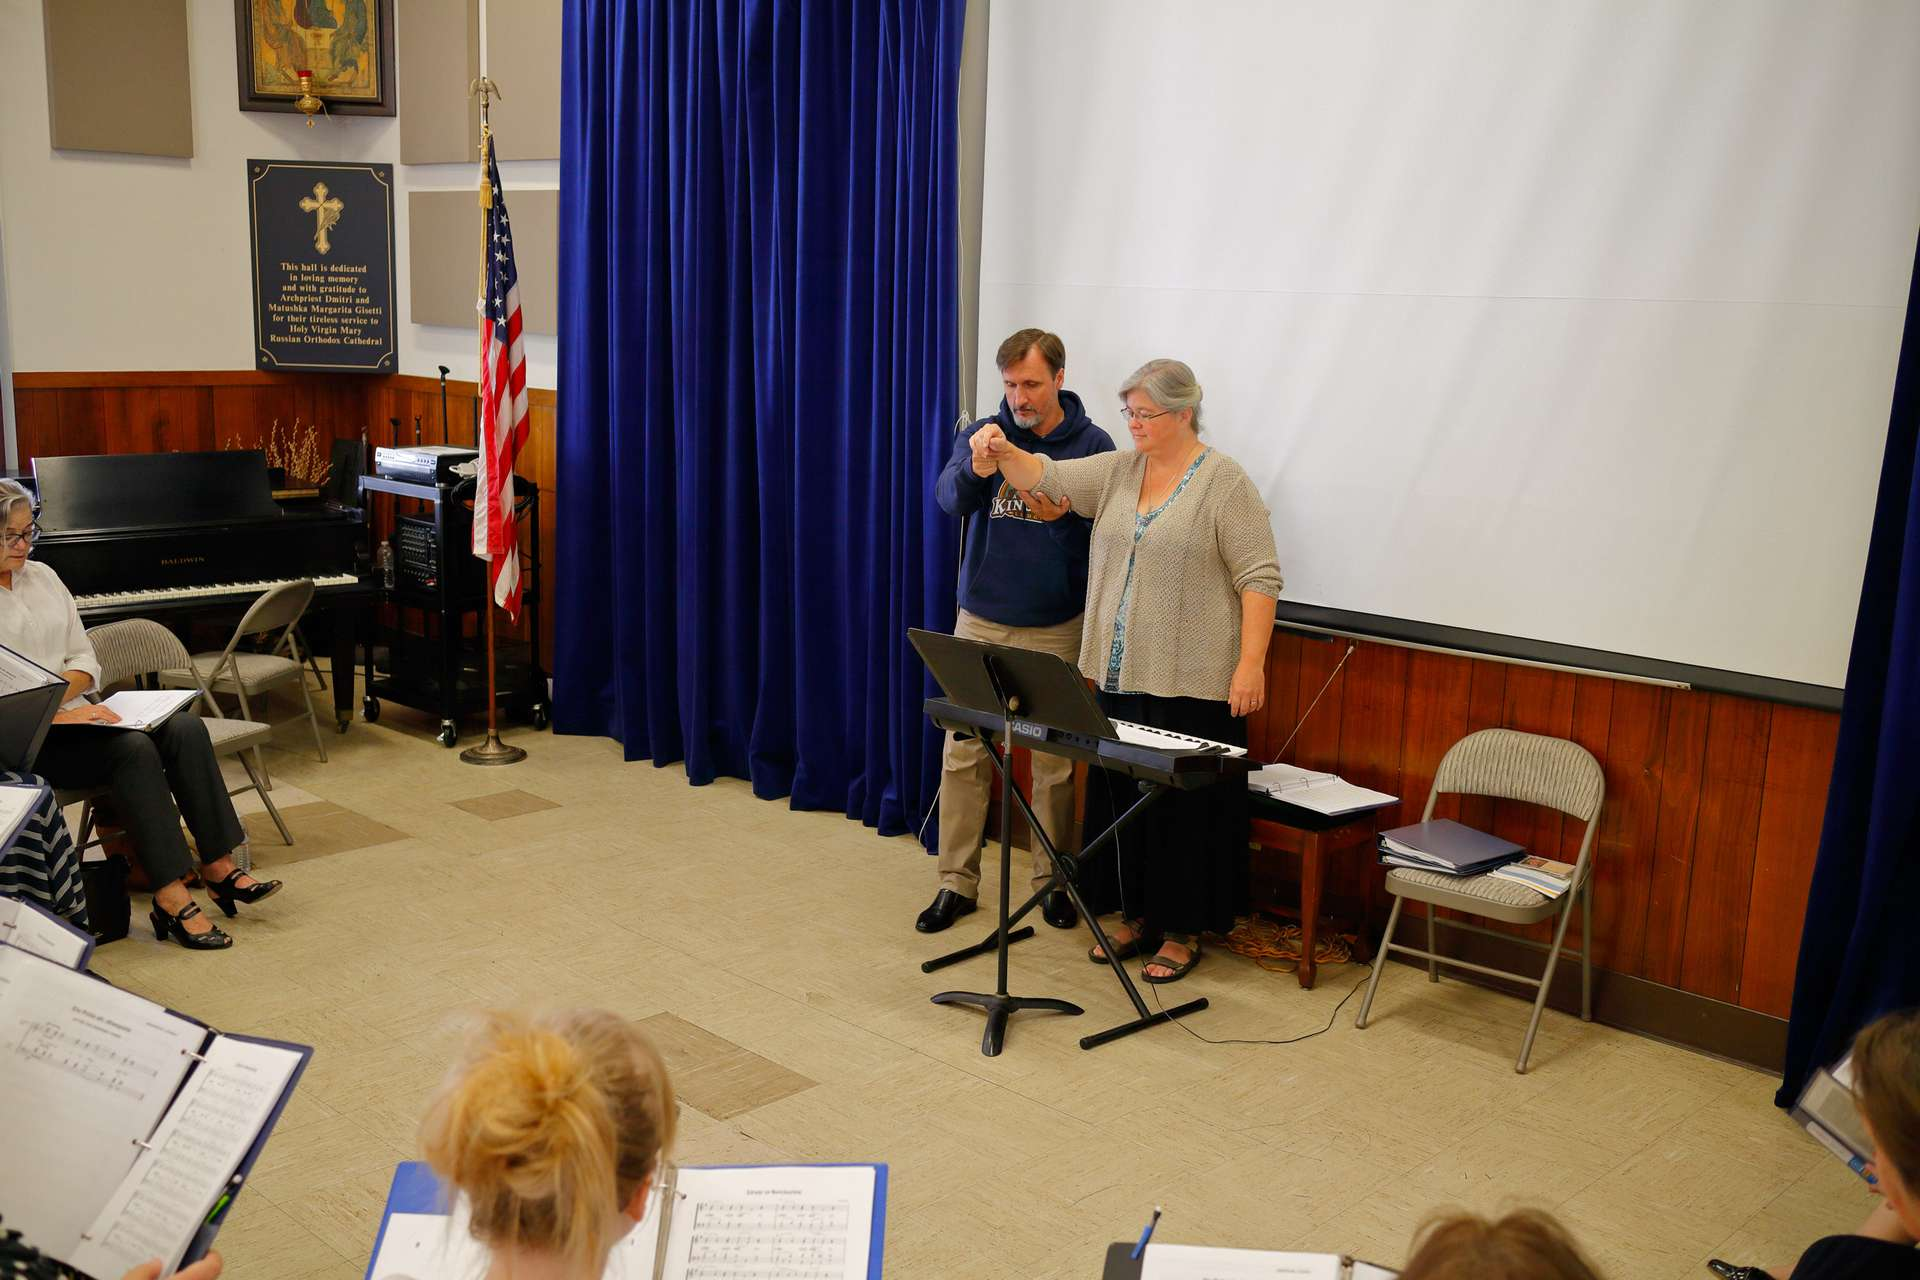 Al nostro ultimo pranzo insieme nella sala dei ricevimenti Gorbik ha fatto alcuni menti conclusivi iniziando con la valutazione del nostro canto